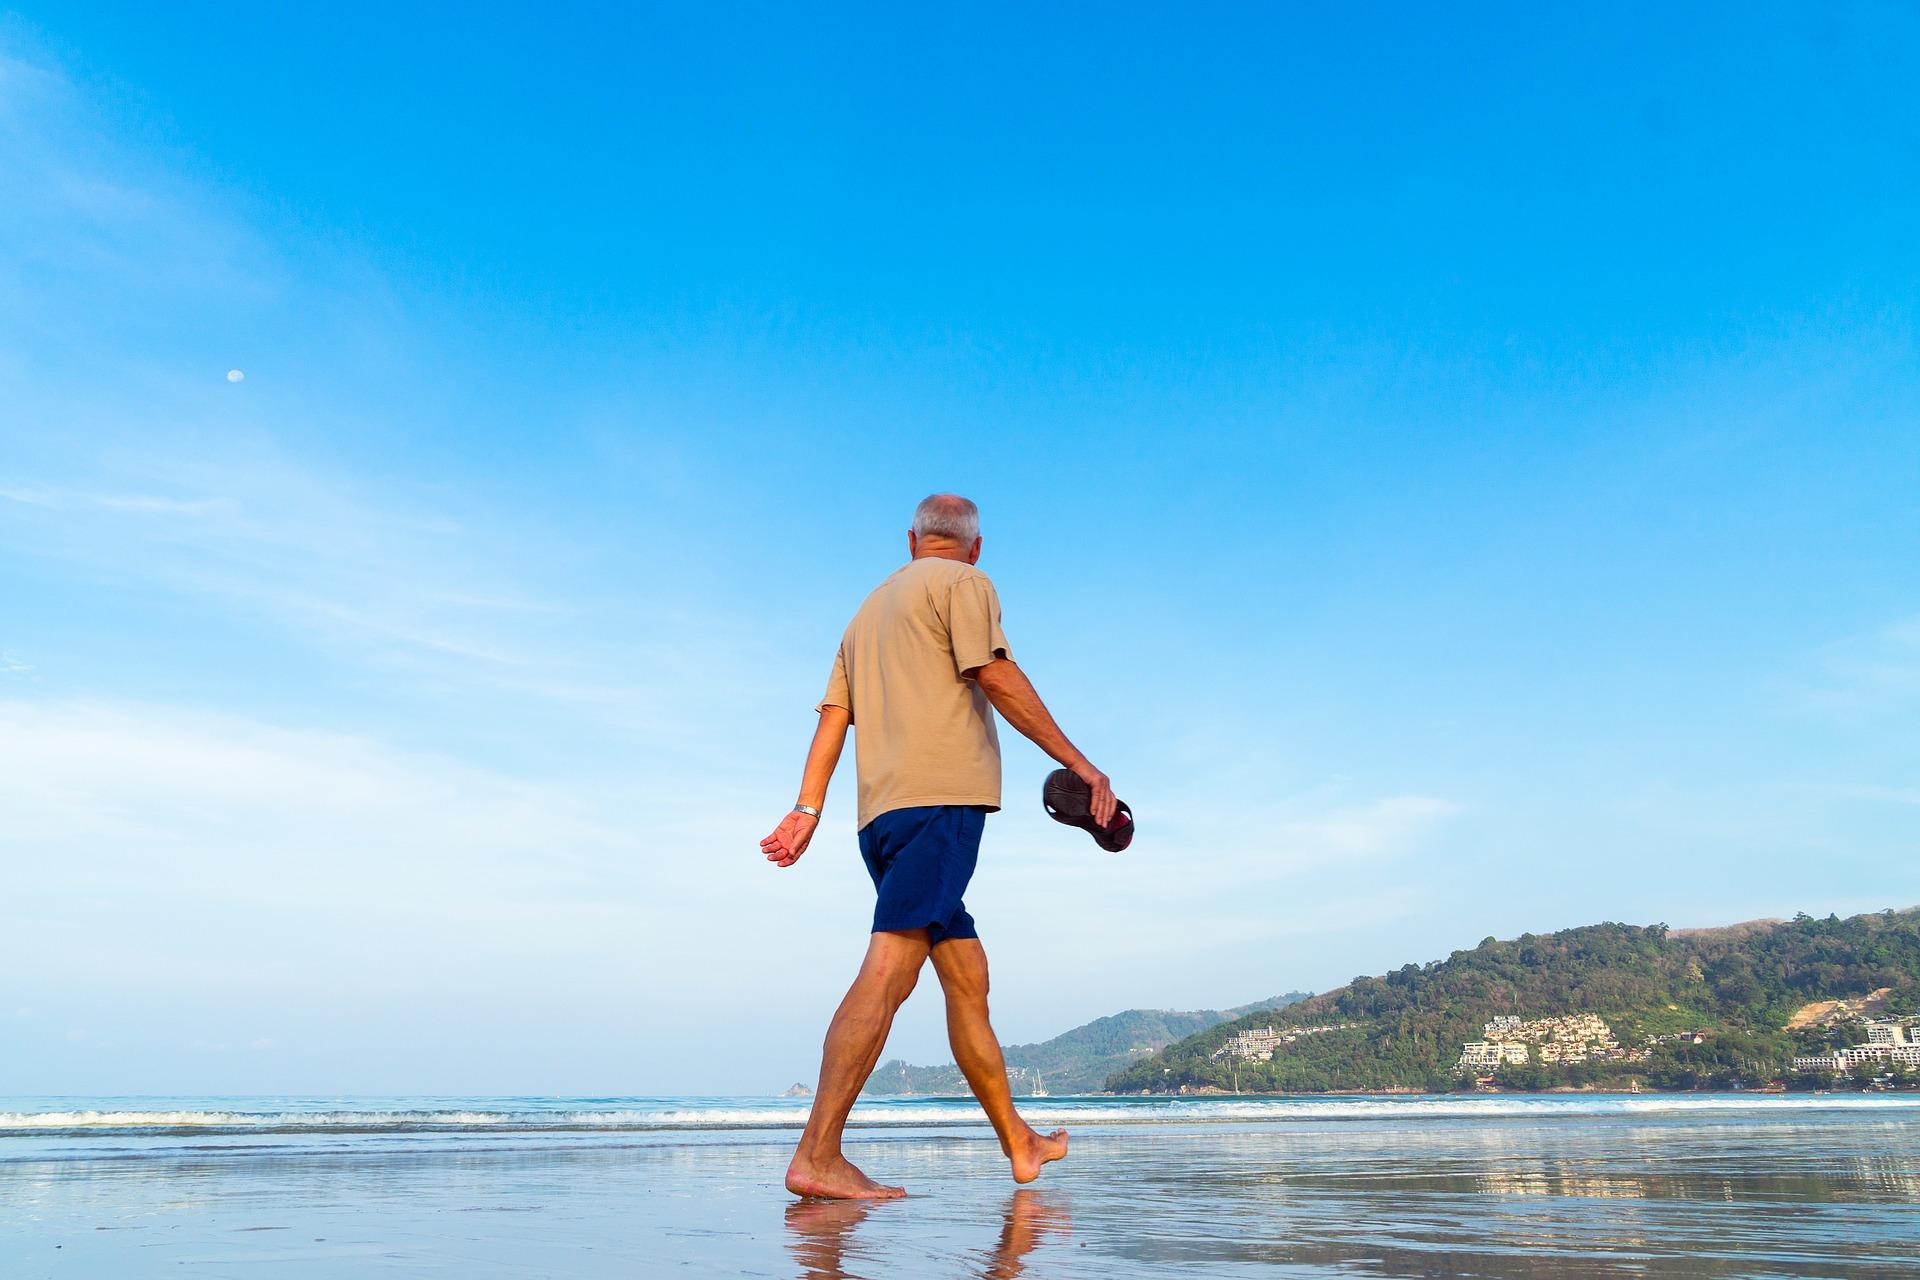 Rentenfaktor bei Fondspolicen: Wann ist der garantierte Rentenfaktor wirklich garantiert?